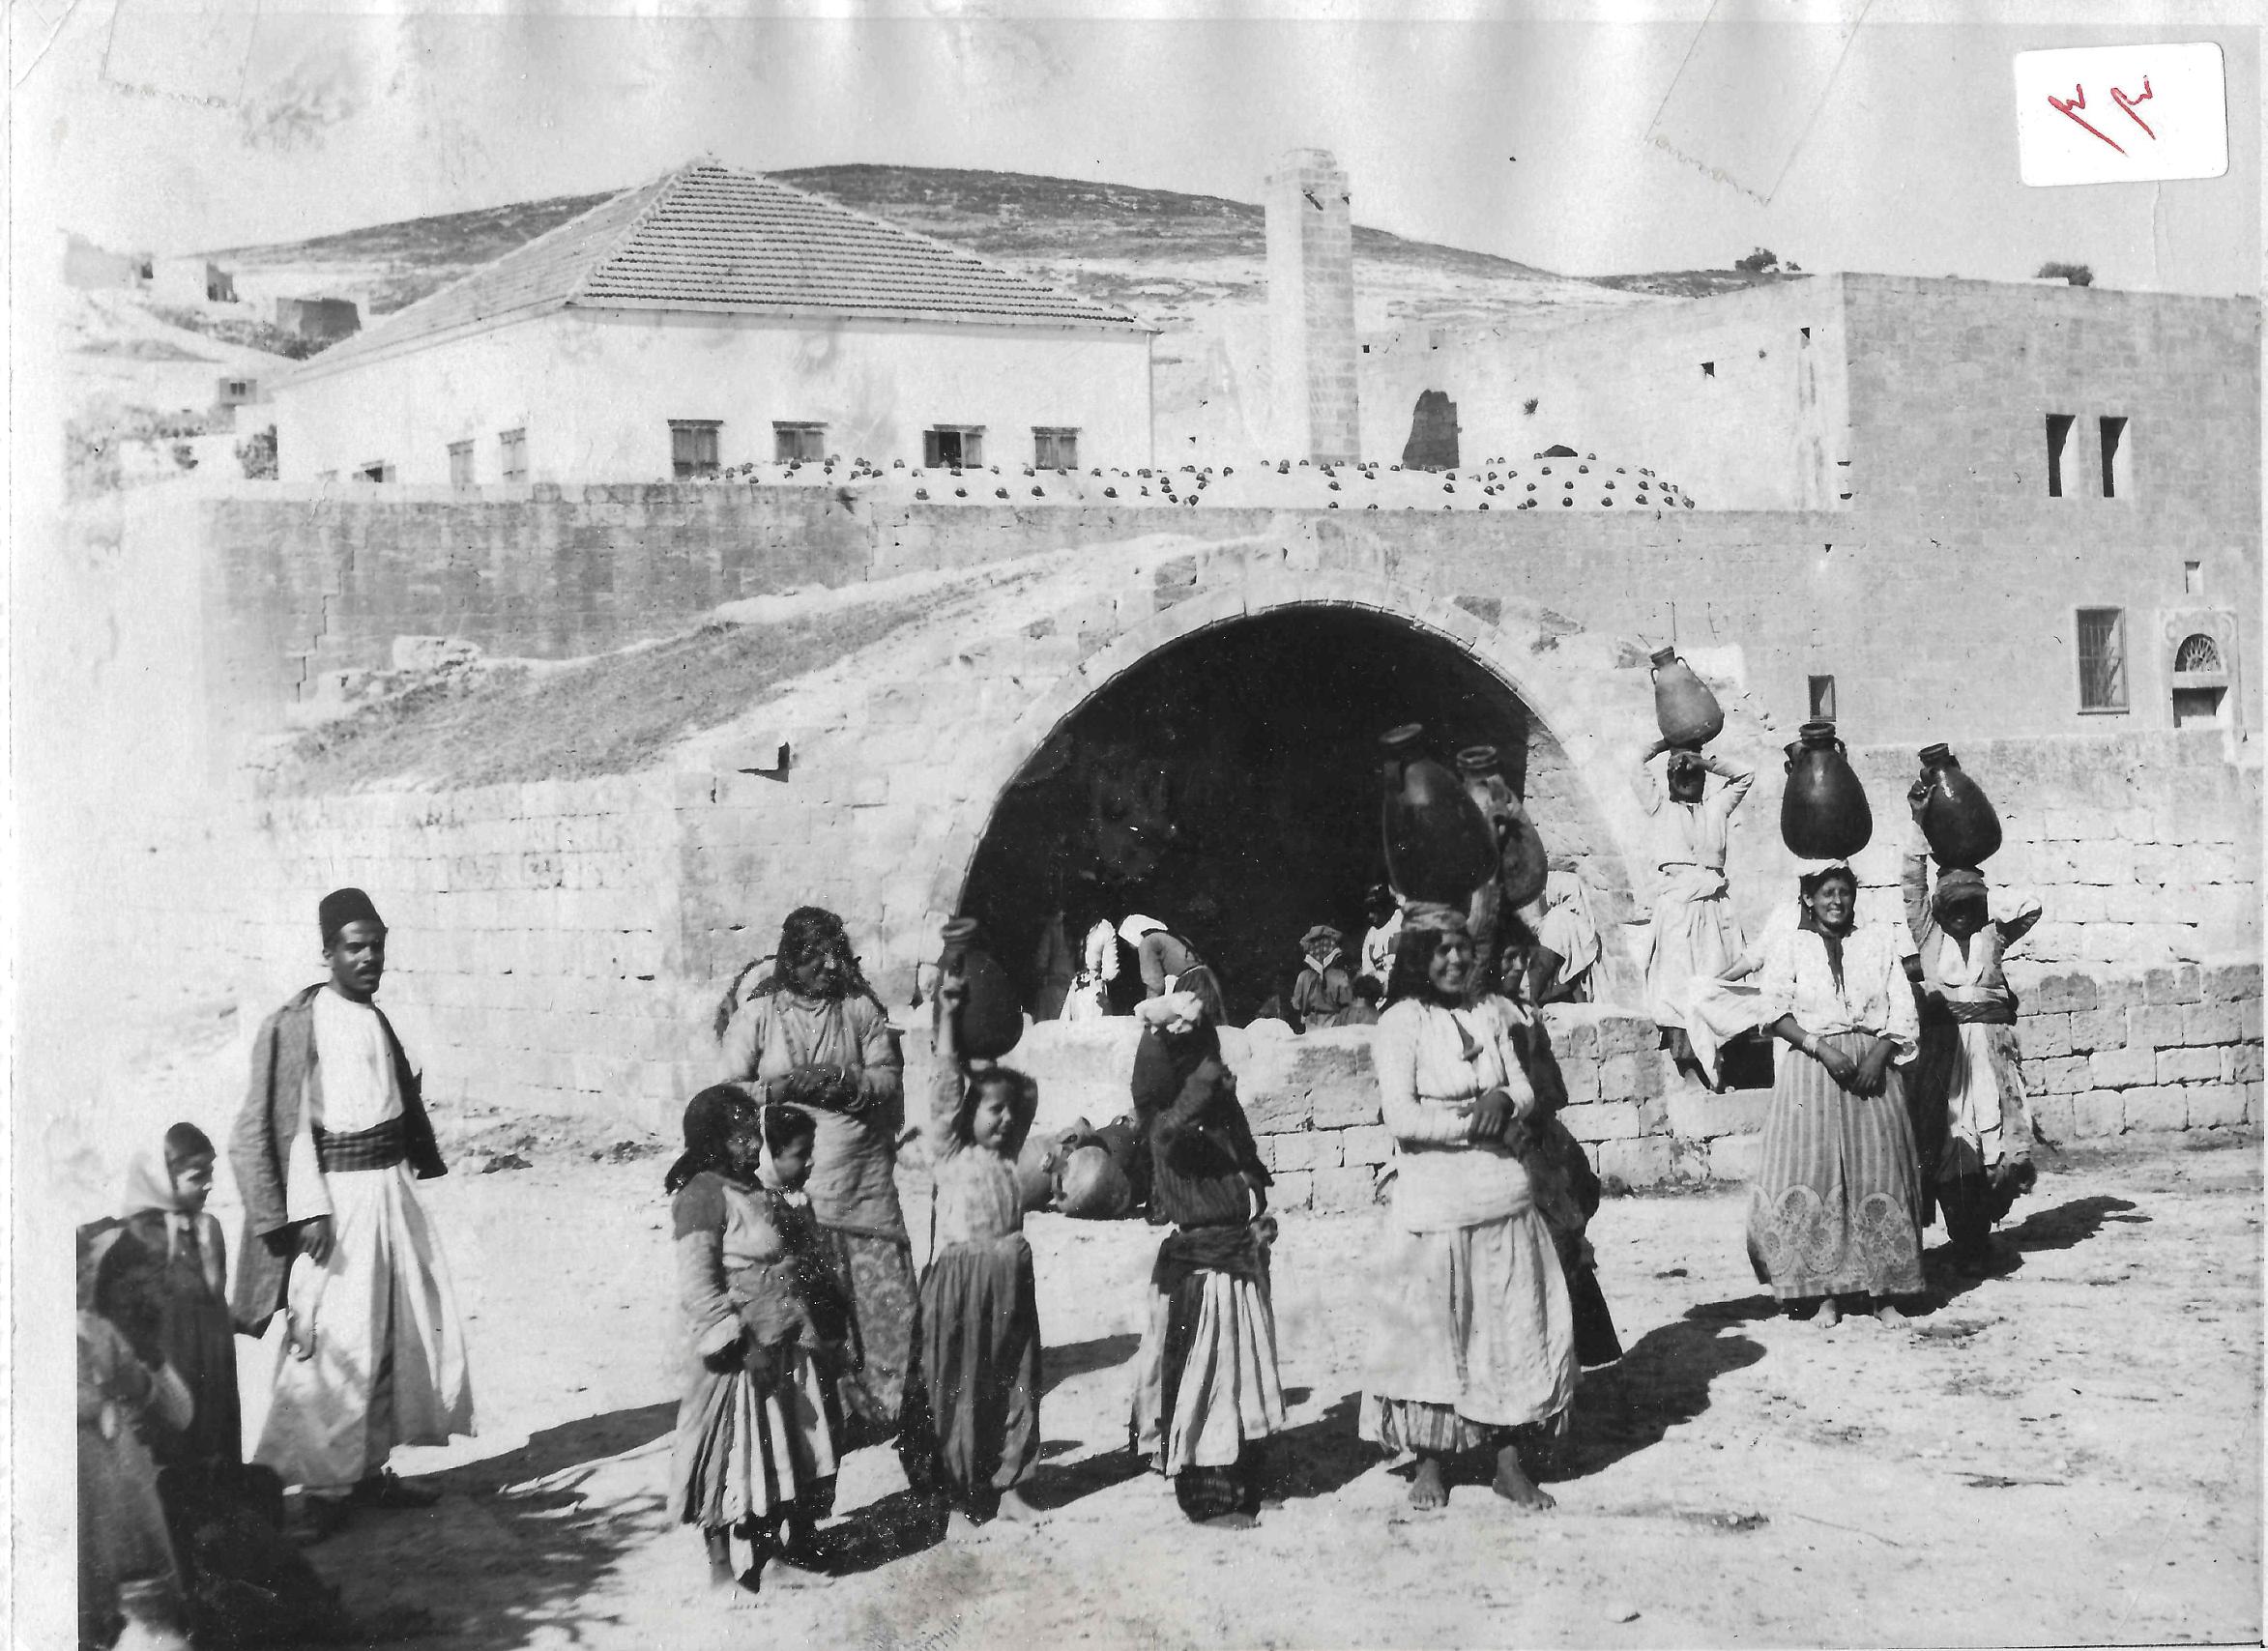 الماء الشهيرة على مر التاريخ - الناصرة عام 1926.jpg